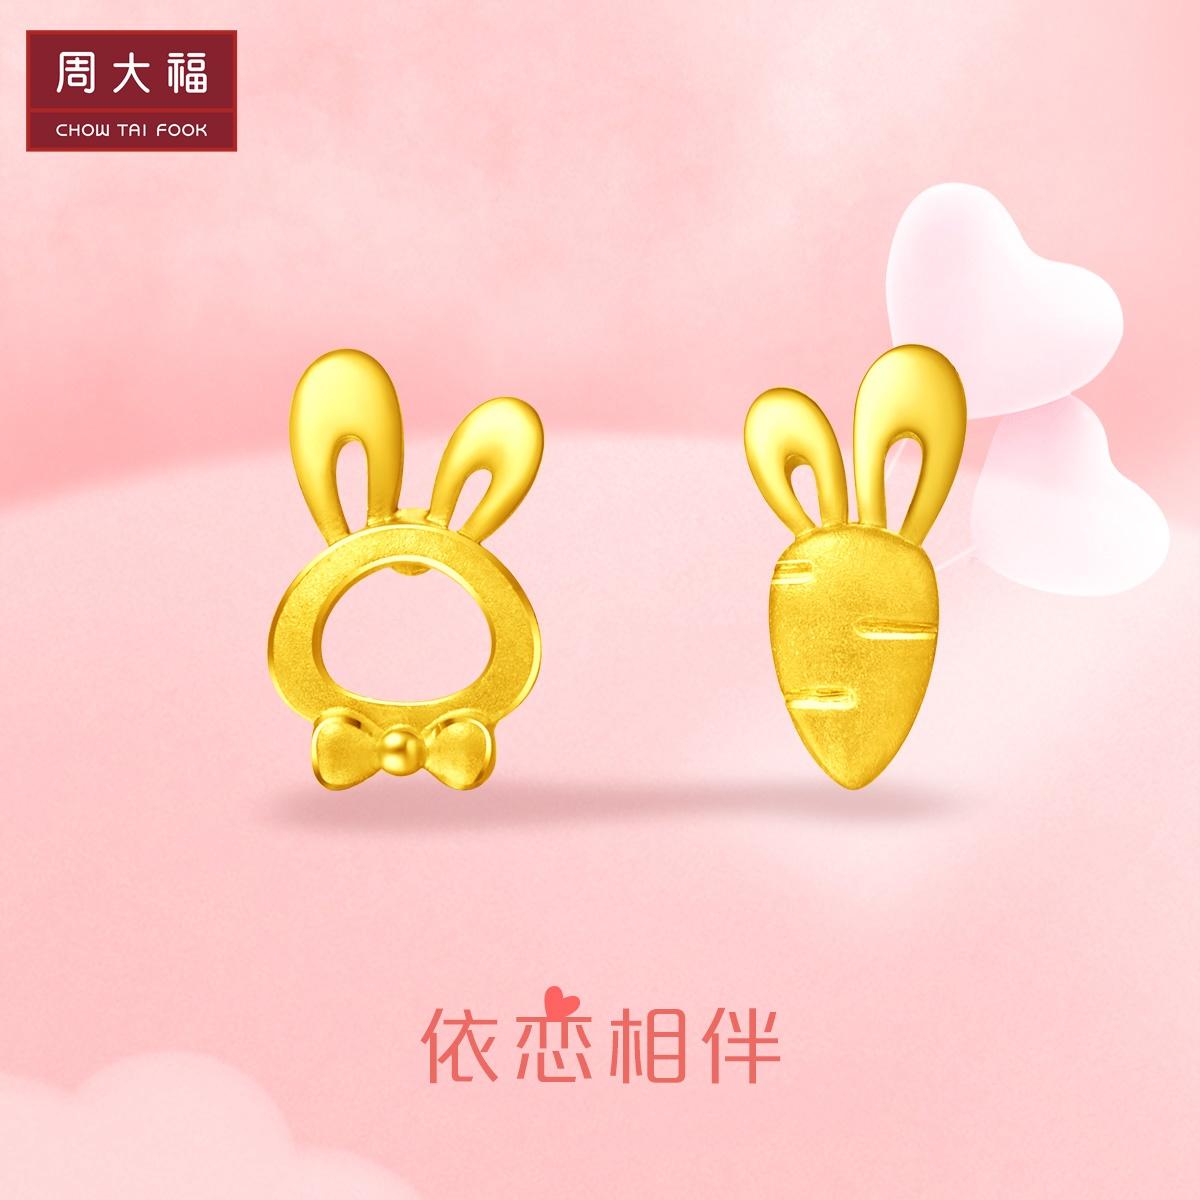 周大福珠宝首饰可爱小兔子胡萝卜足金黄金耳钉计价EOF190